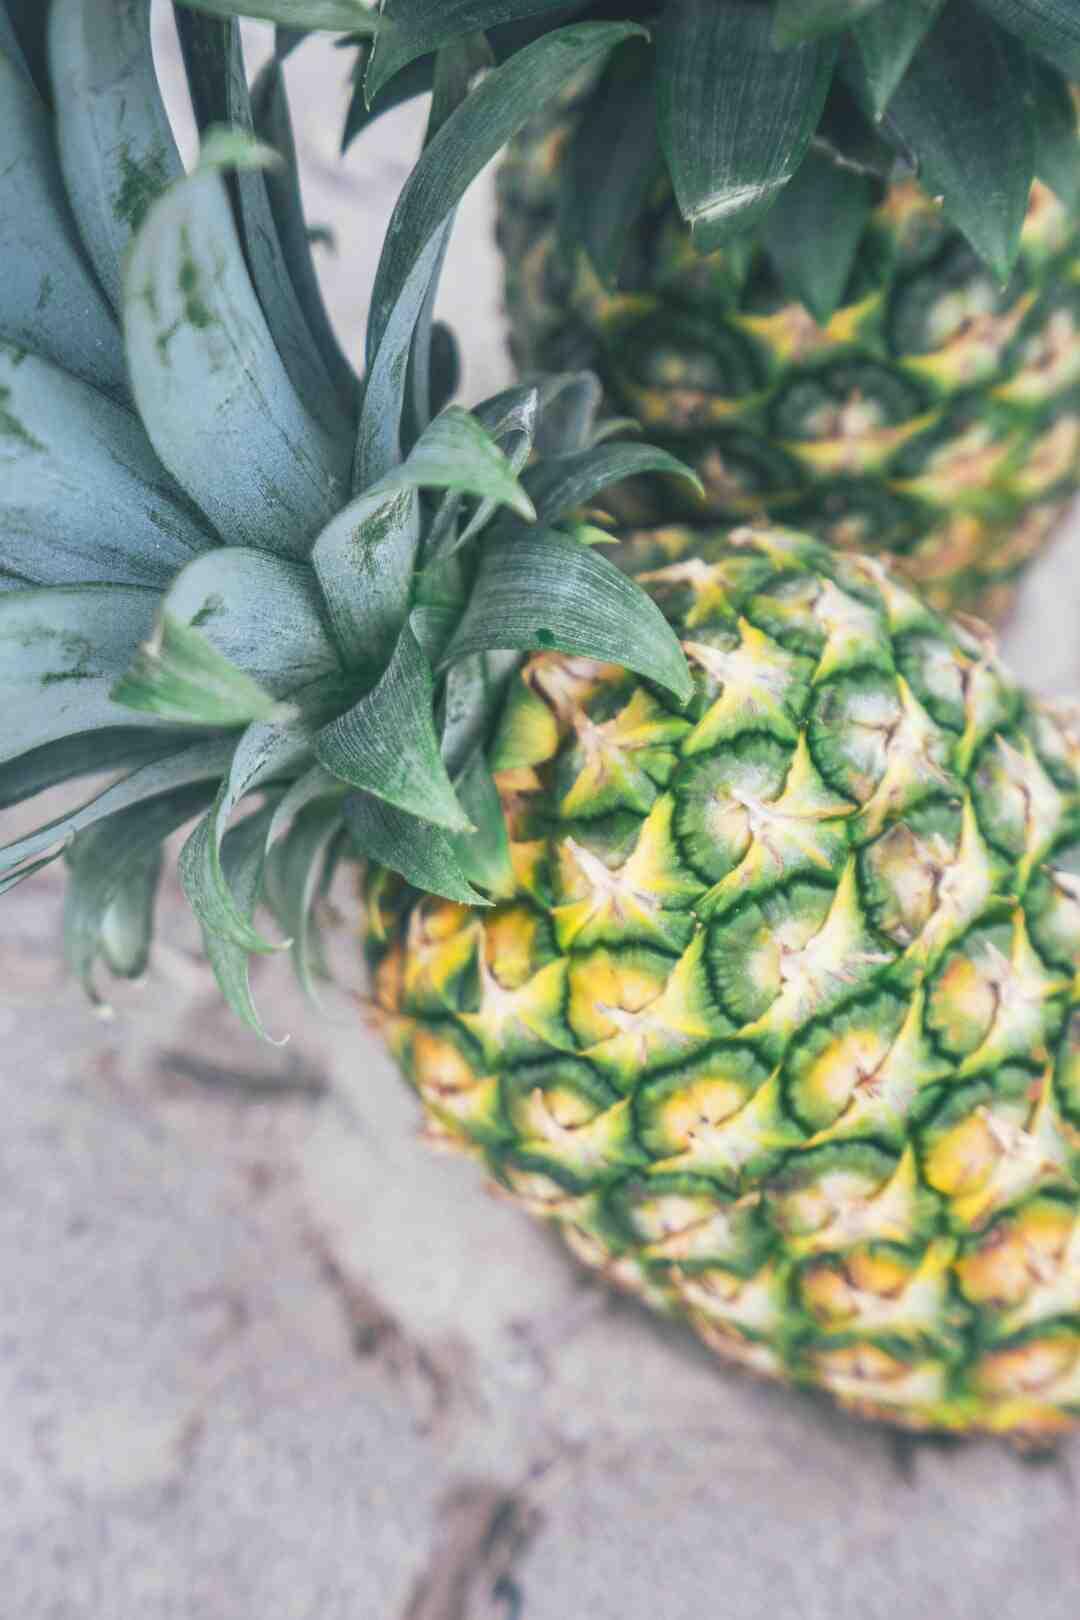 Comment lutter contre la grippe avec du jus d'ananas